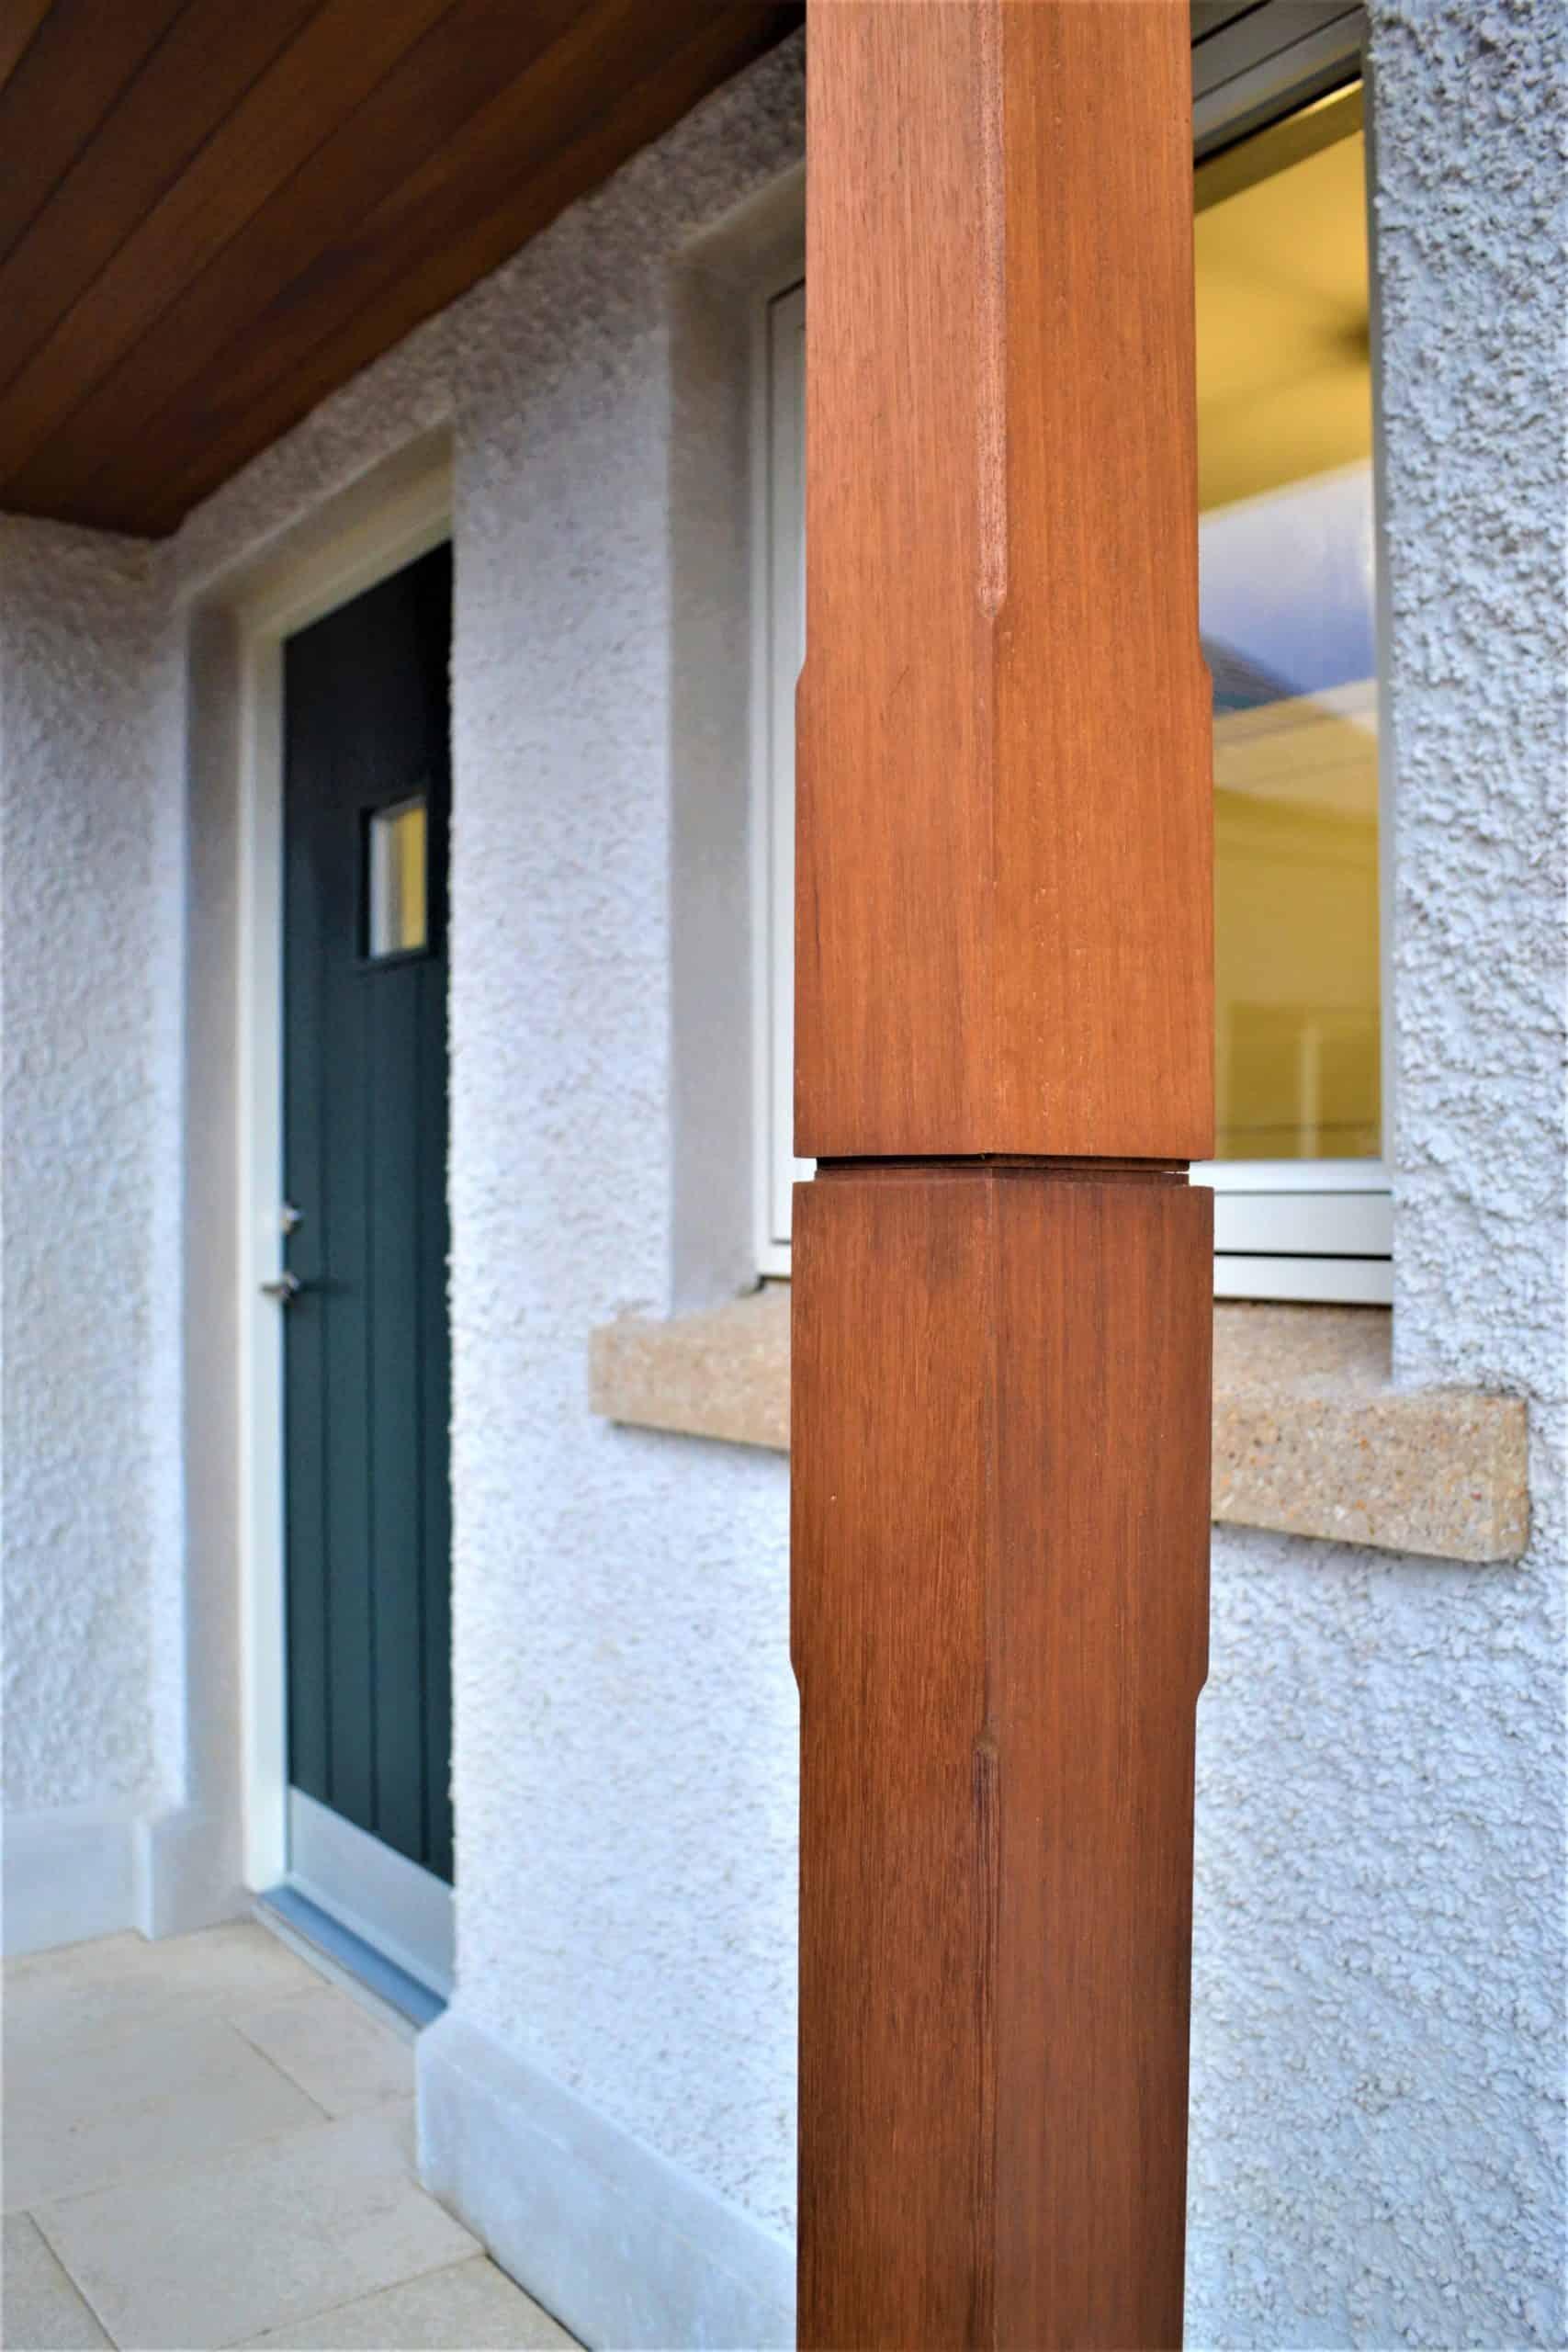 Quigg Dwelling - Timber Porch Post Detail